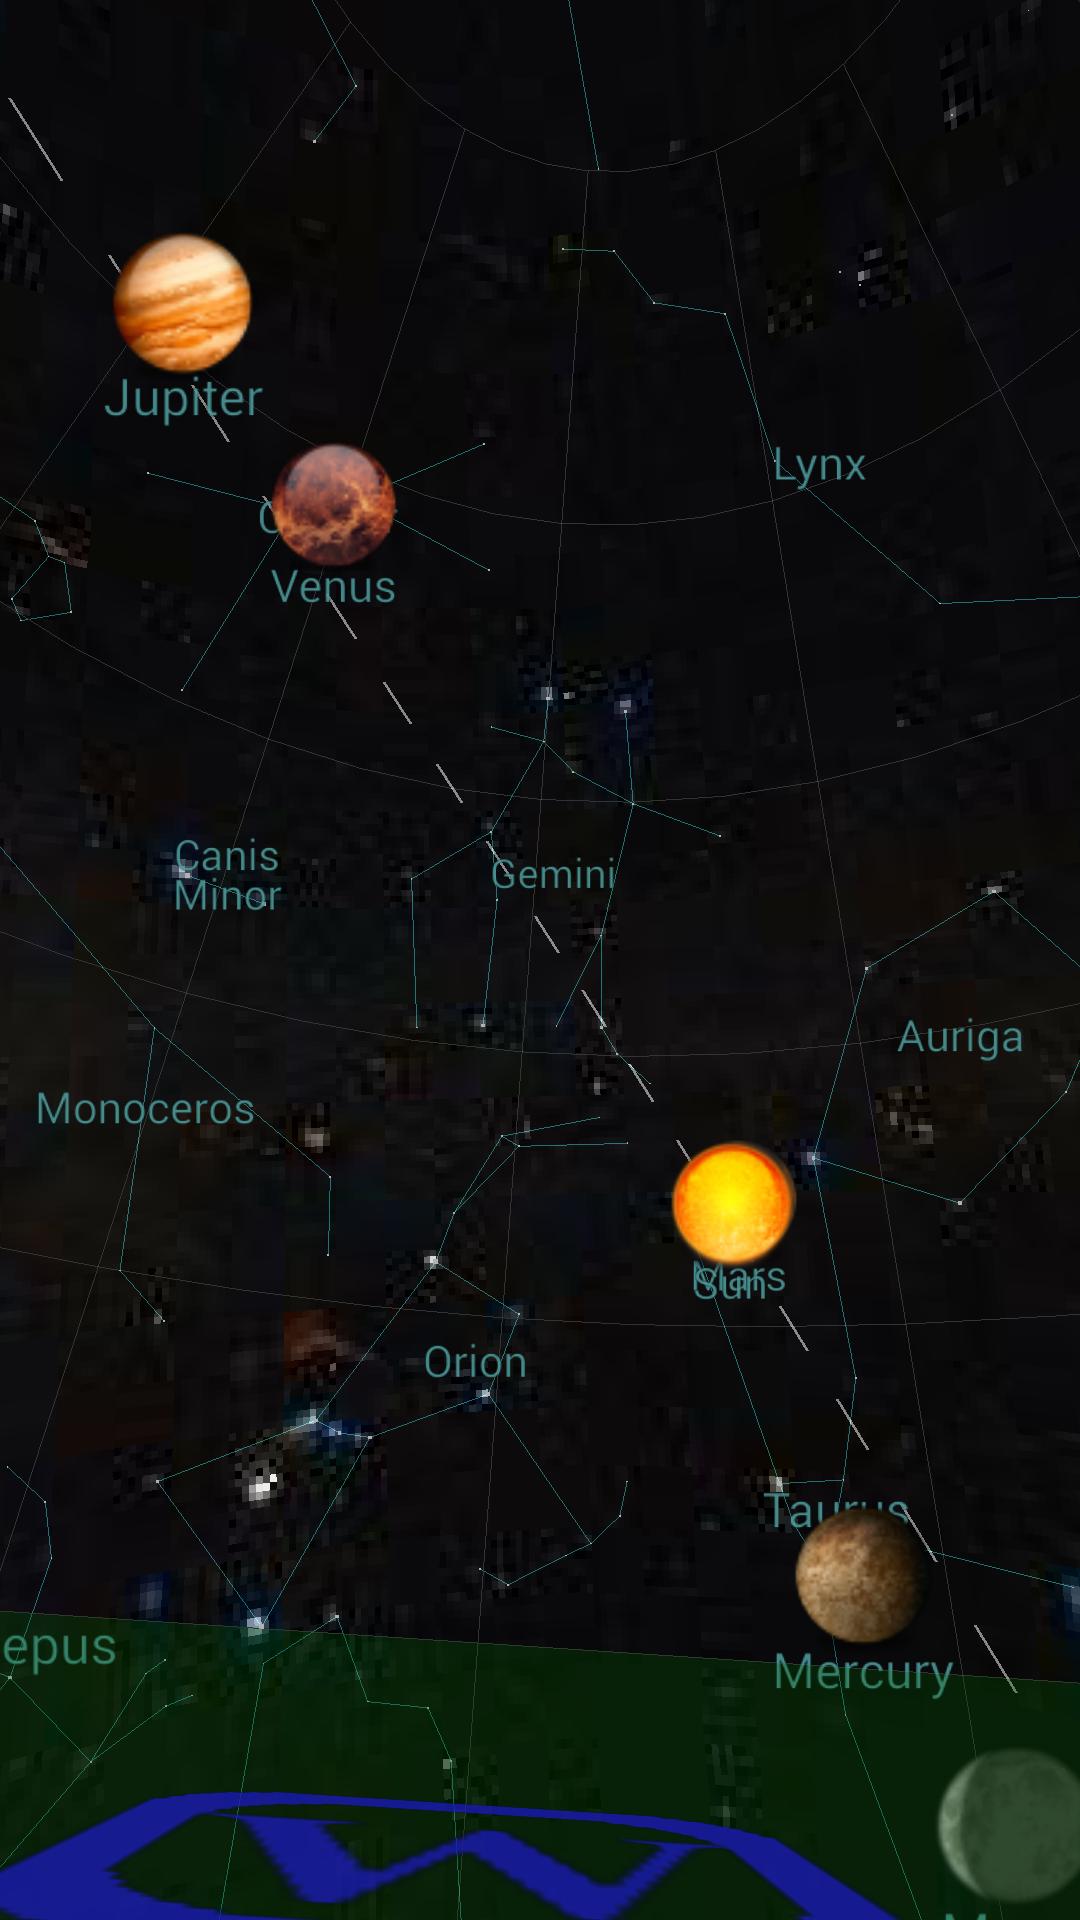 저녁 10시에도 금성 (+목성)이 보이는 시기